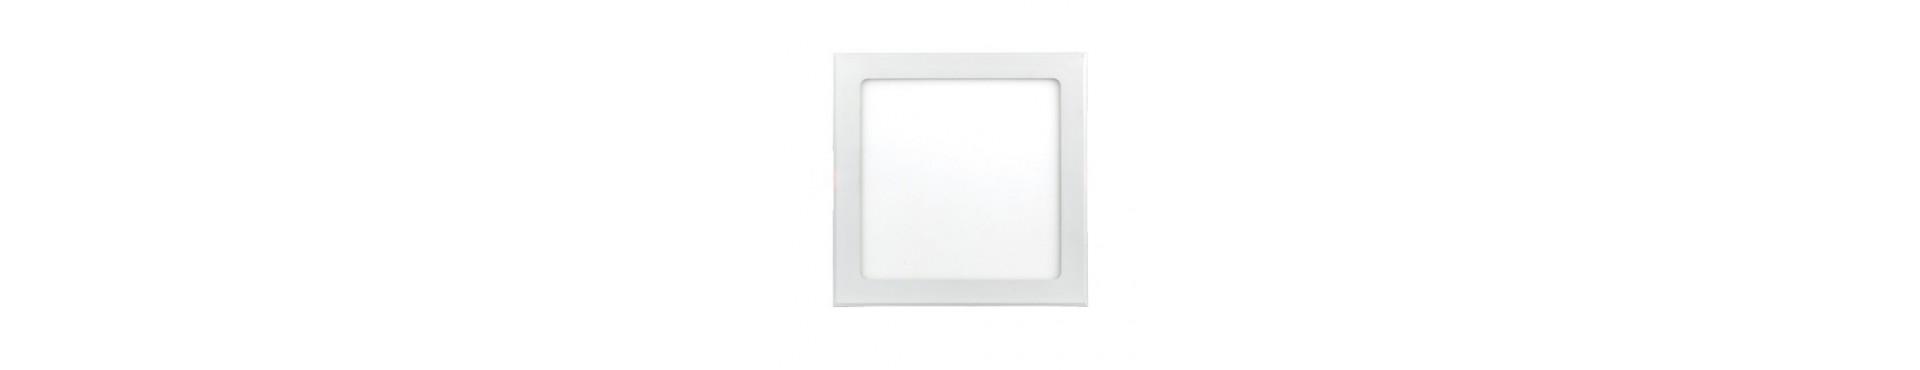 LED paneler til indbygning